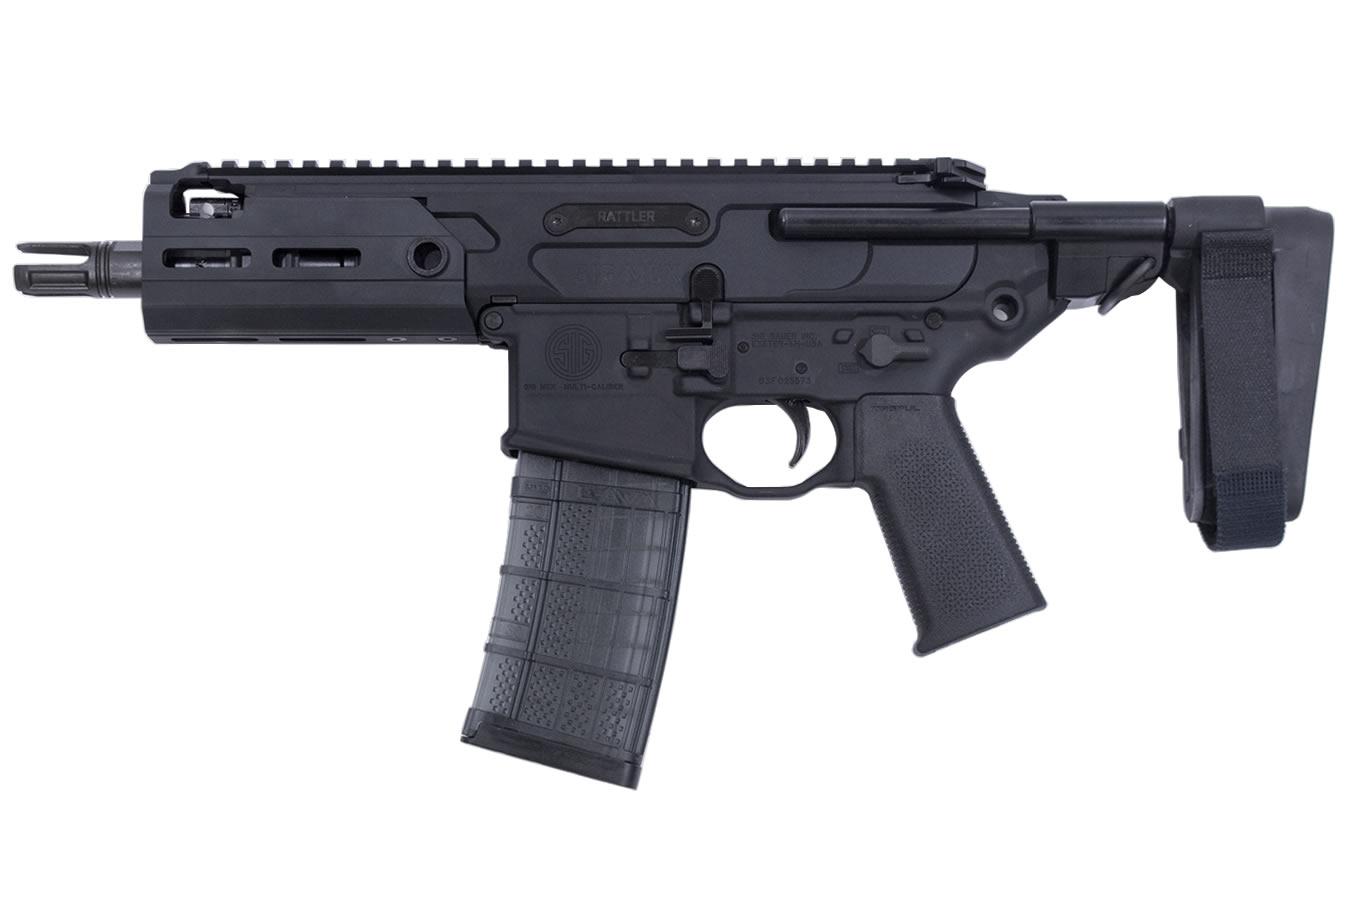 Sig Sauer MCX RATTLER 300 BLK 5 5 BBL PSB AL MLOK - $1899 99 (Free S/H on  Firearms)